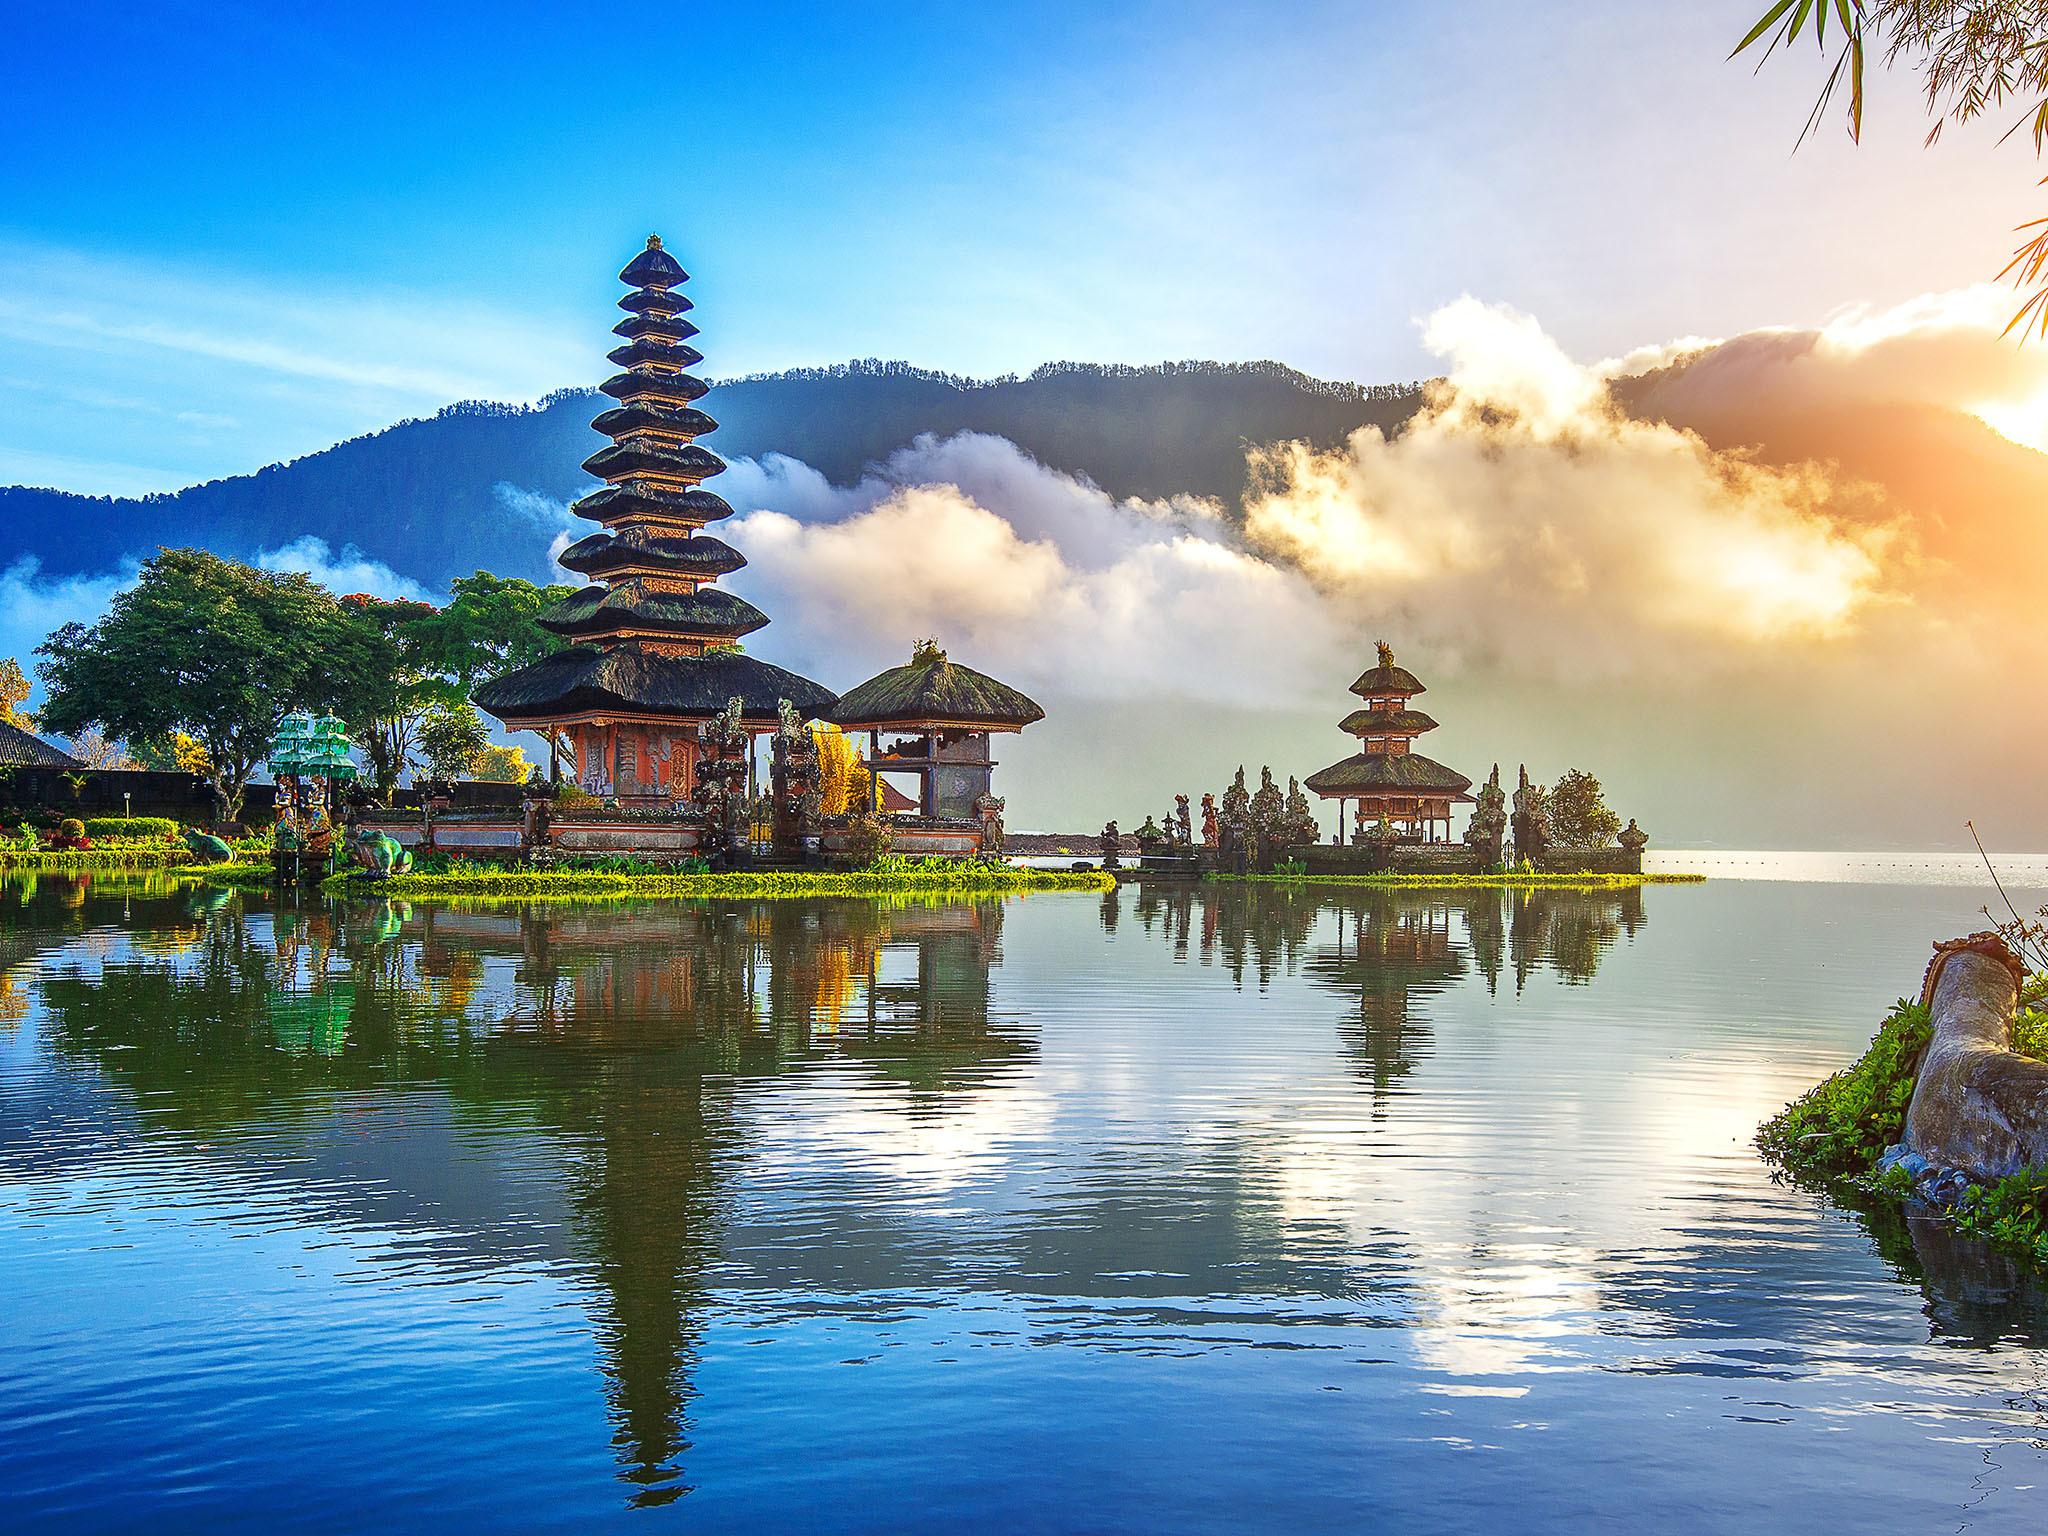 Bali: Um destino perfeito para admirar sublimes templos hindus adornados com flores e estátuas de pedra